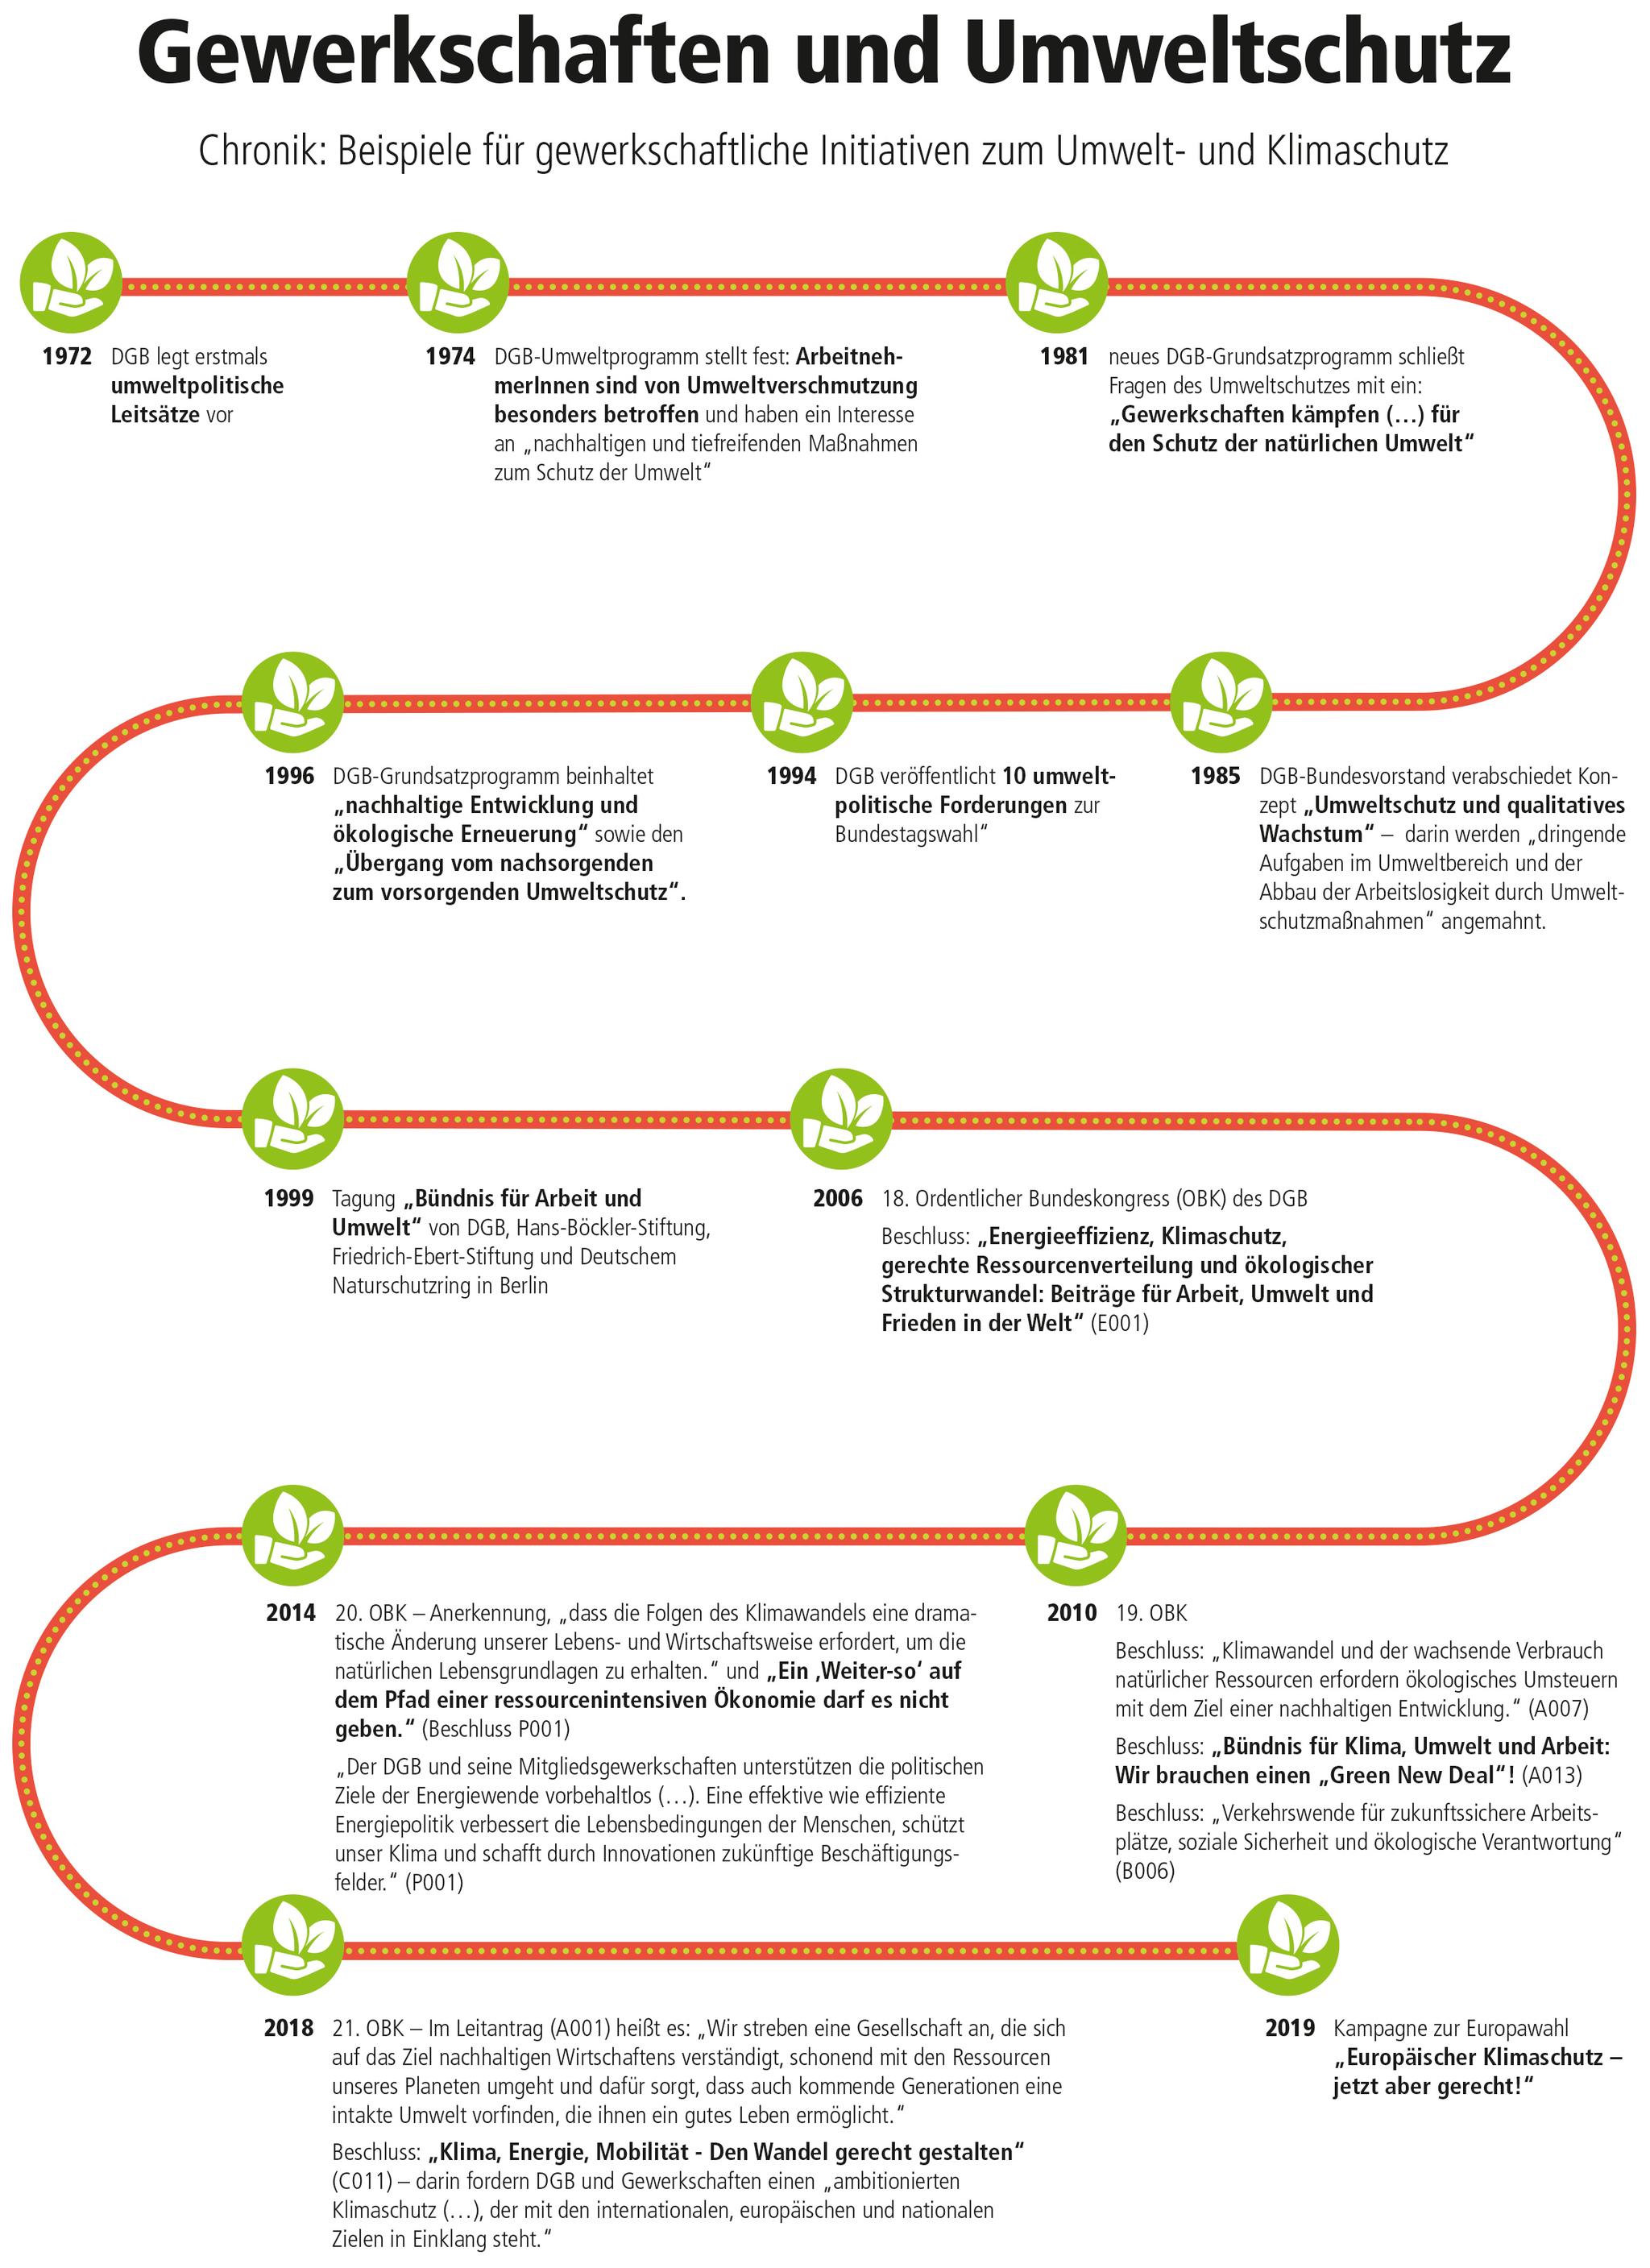 Grafik Gewerkschaften und Umweltschutz